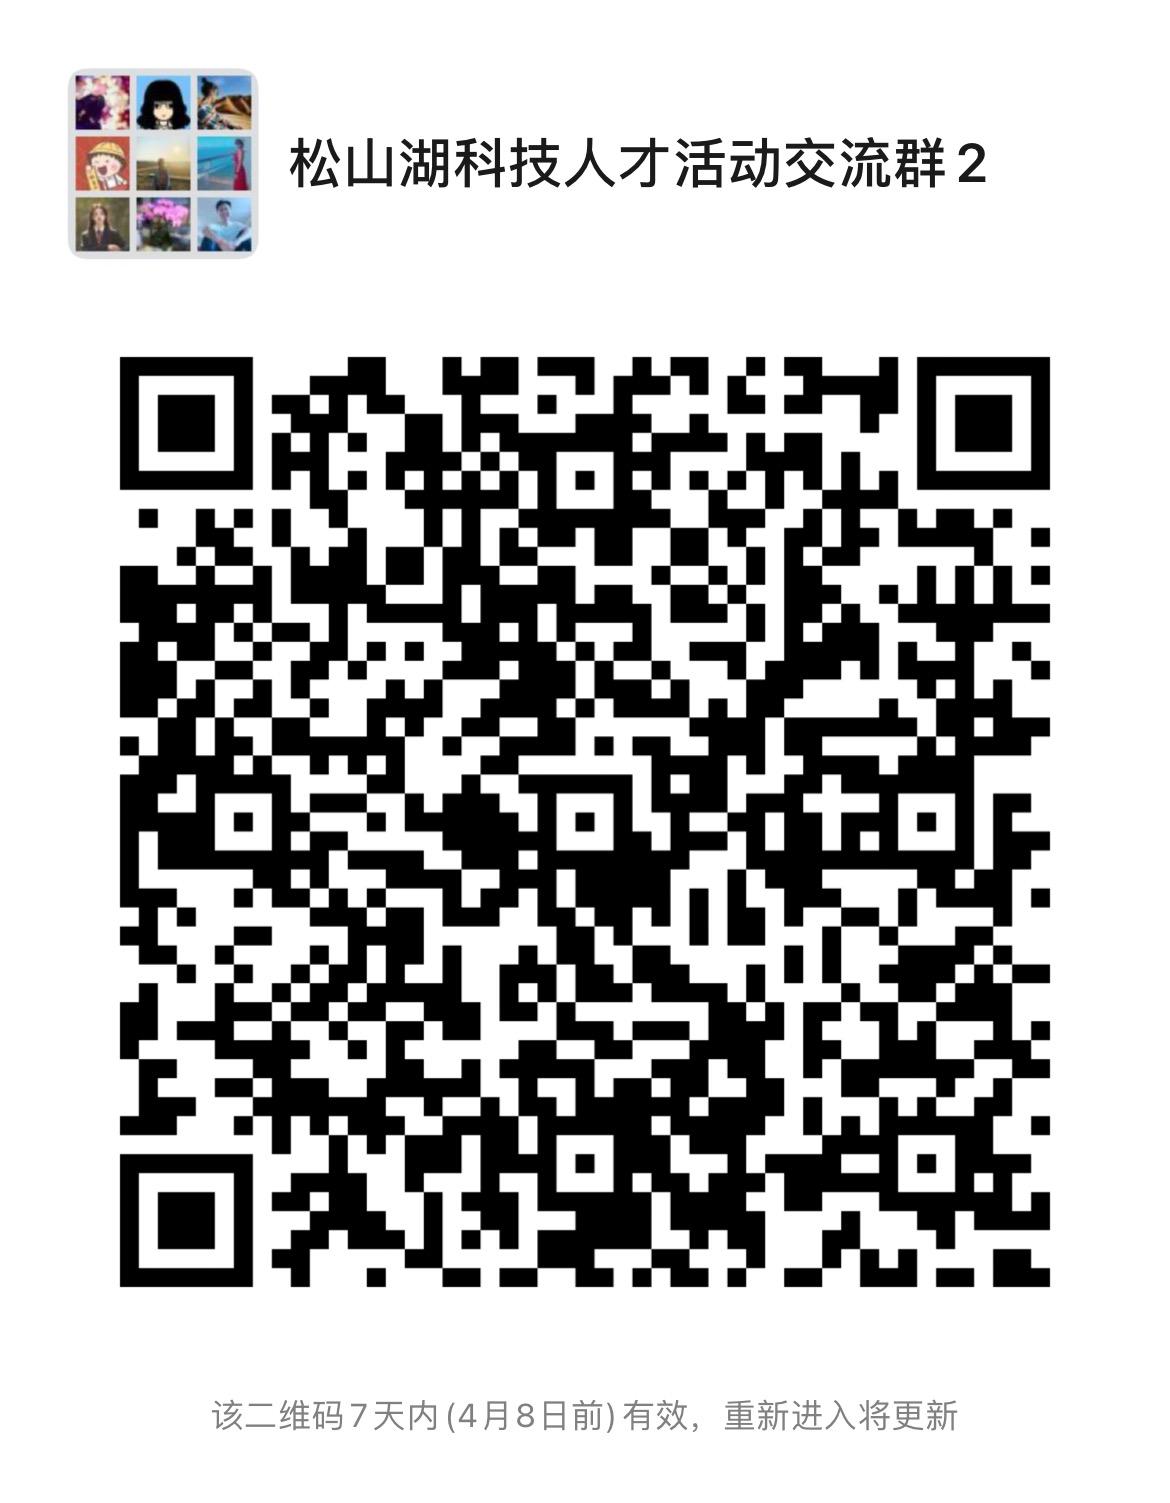 微信图片_20210401150718.jpg